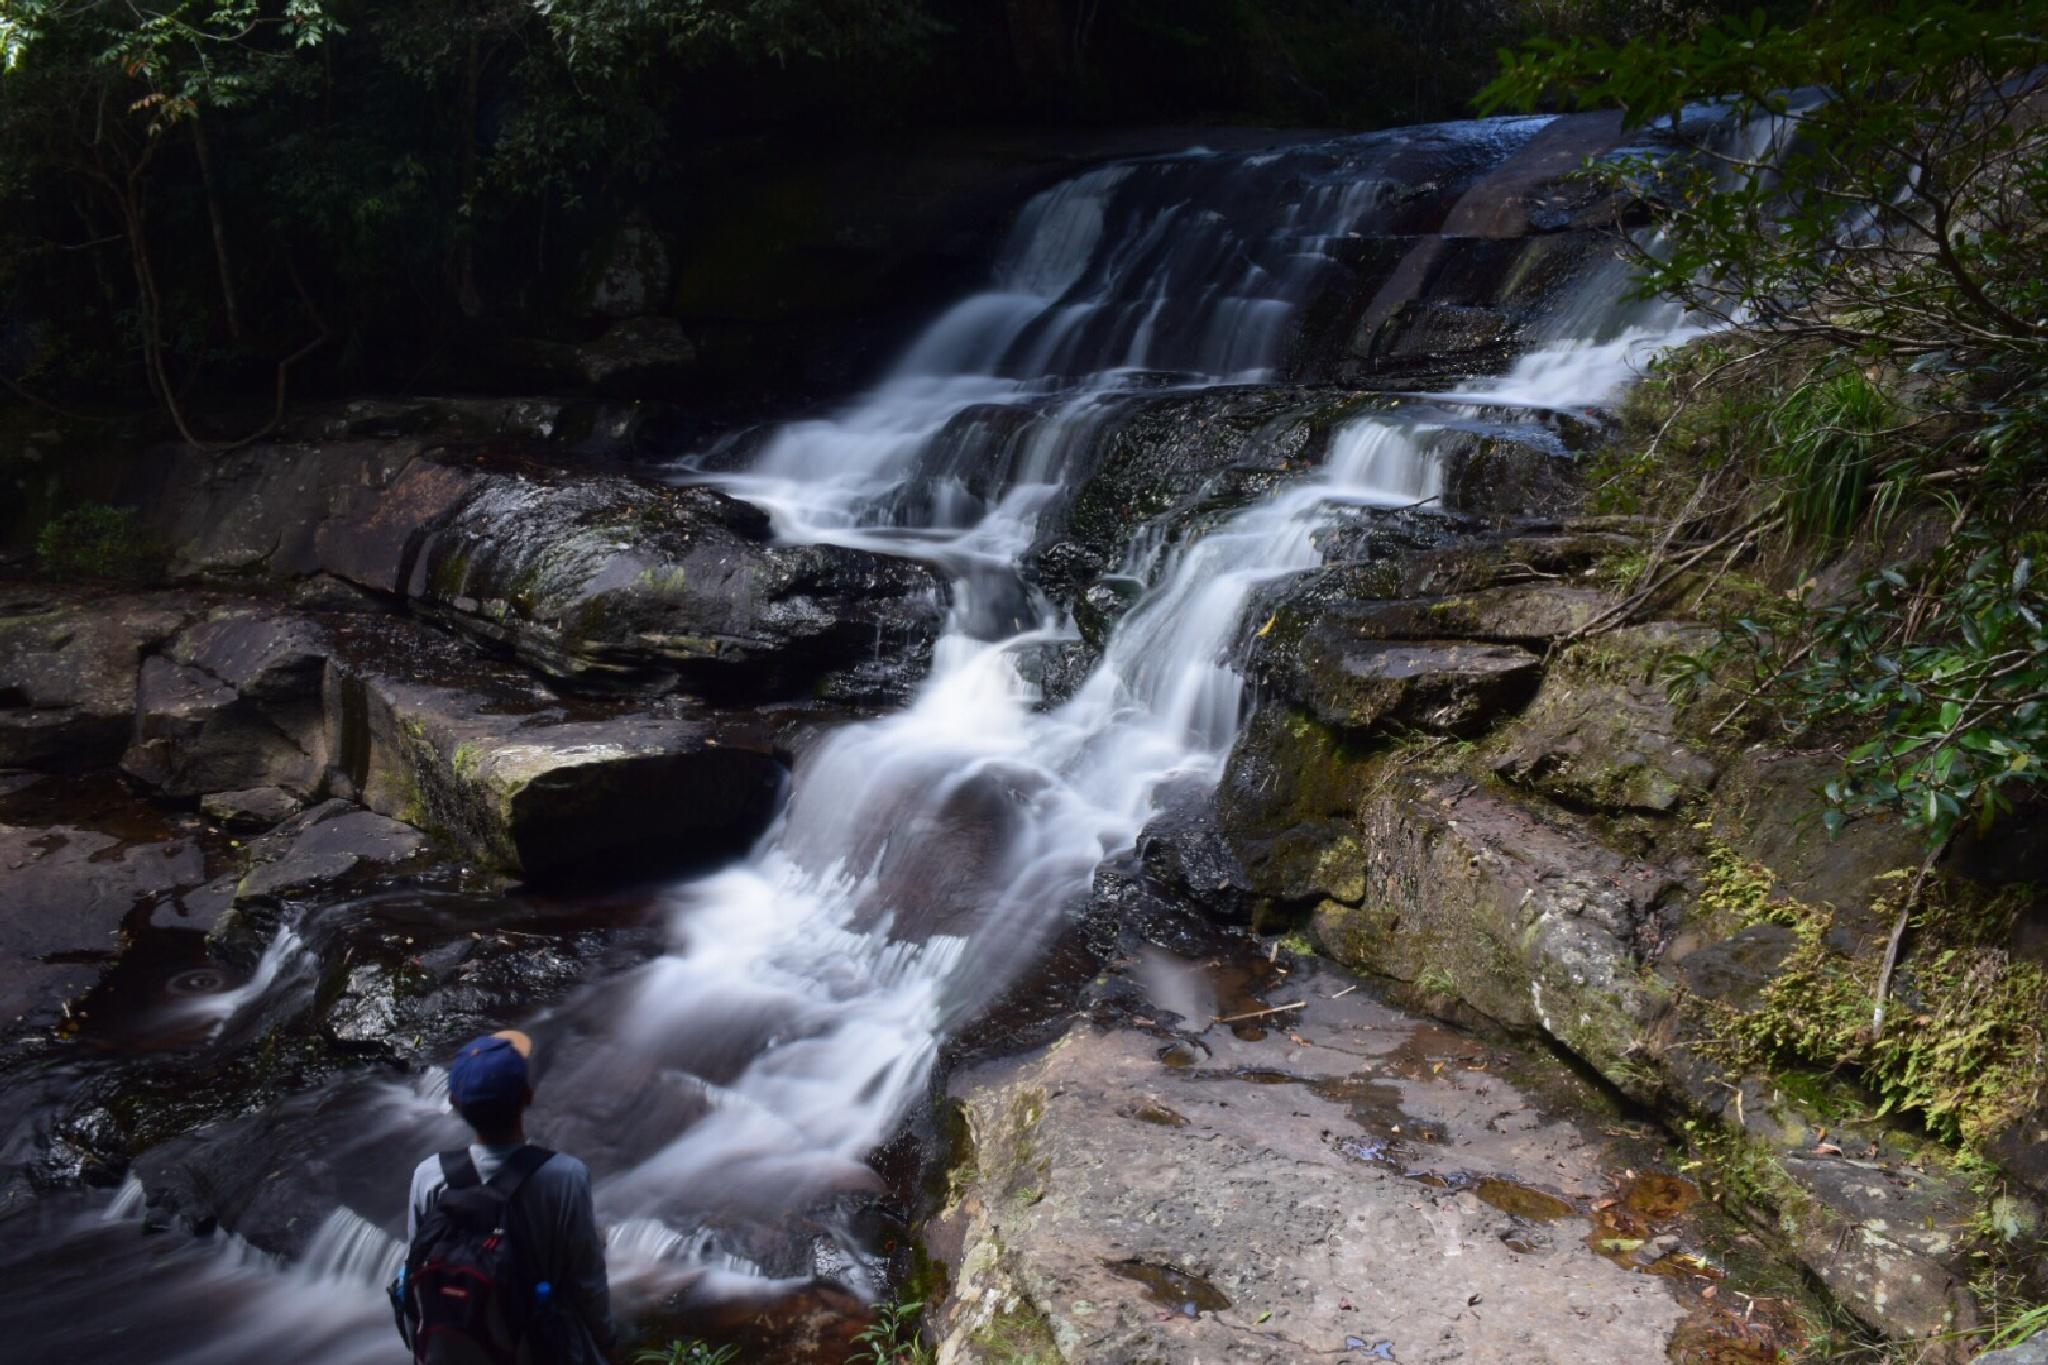 Exploer waterfall by Jade aHa